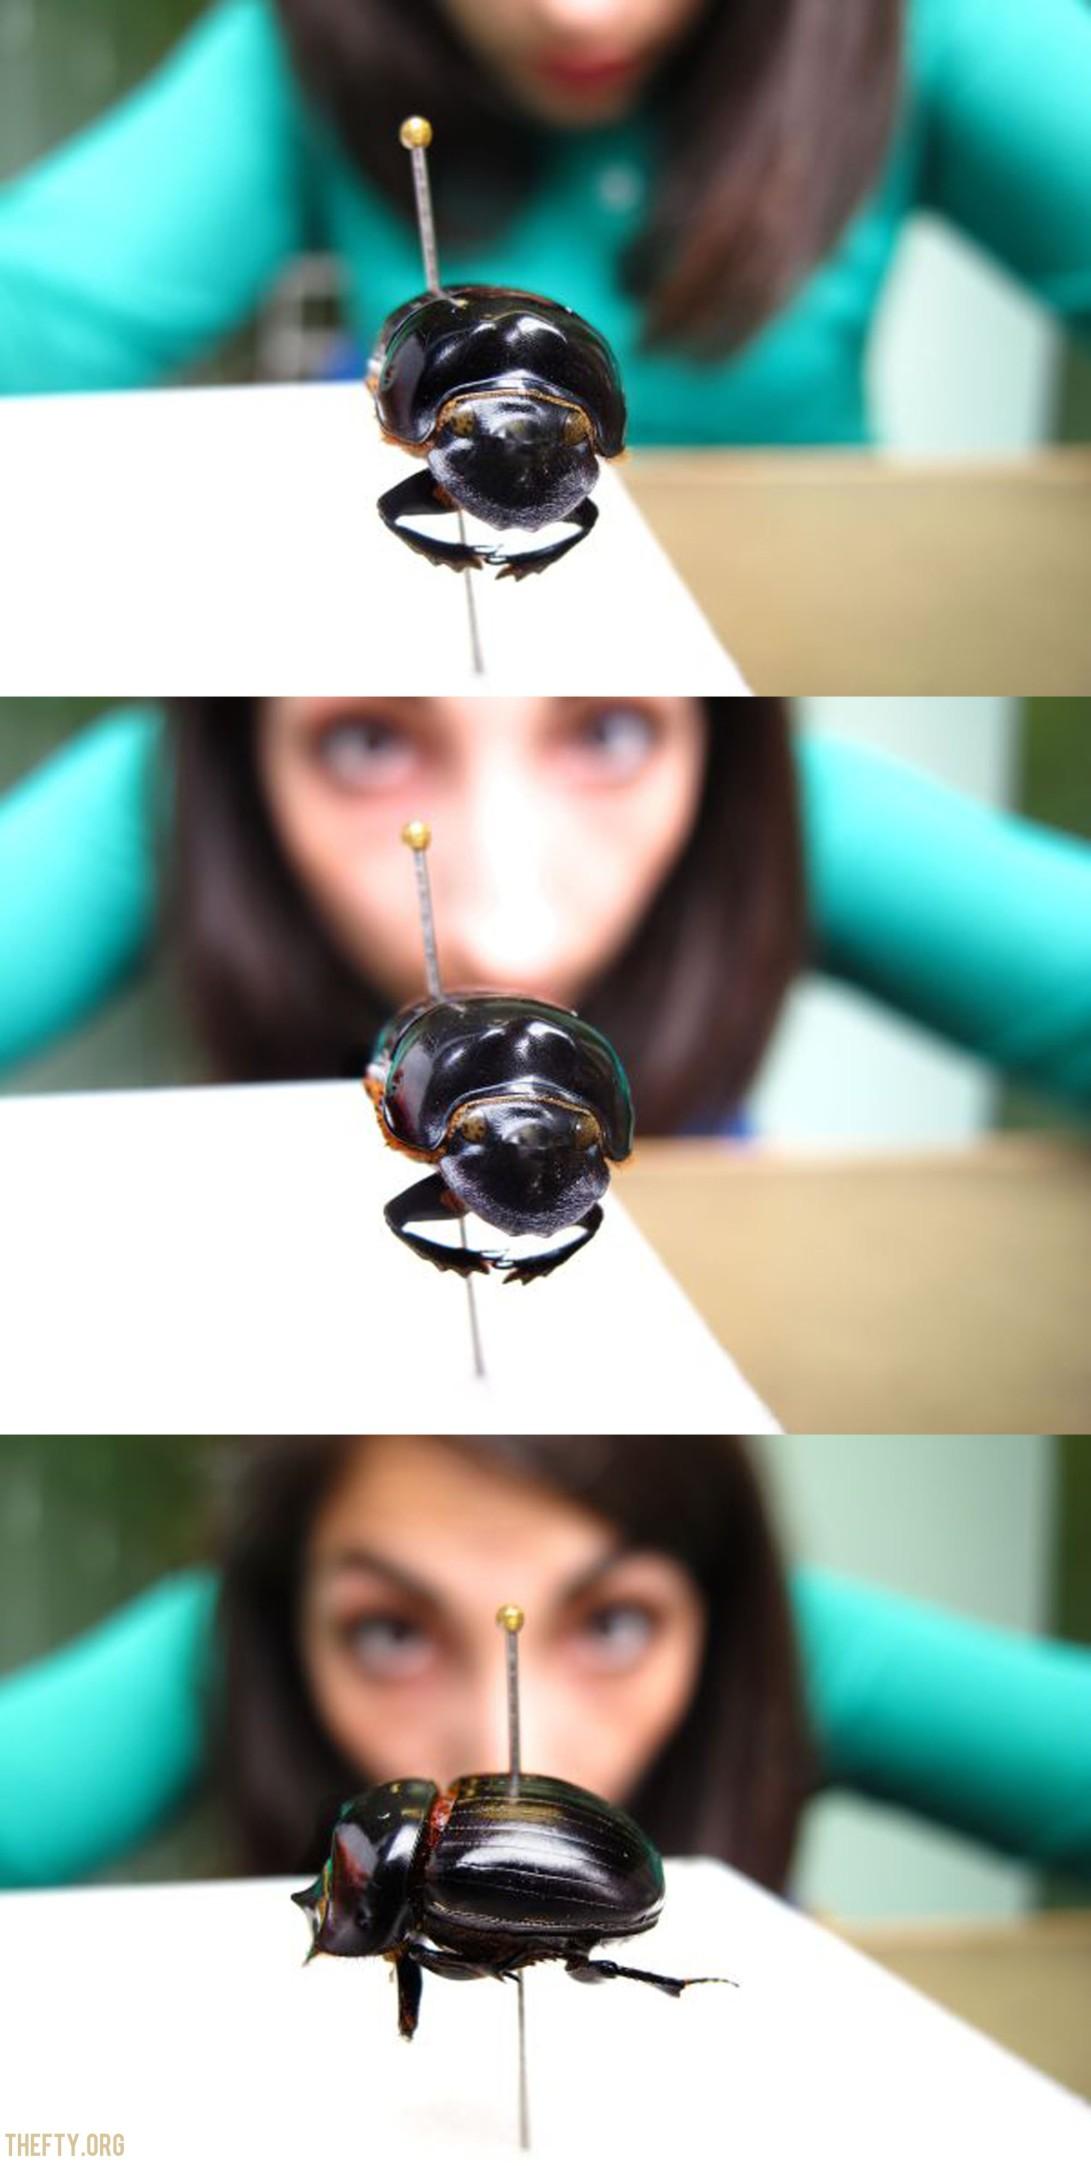 Helena-Maratheftis-beetle-and-me-collage